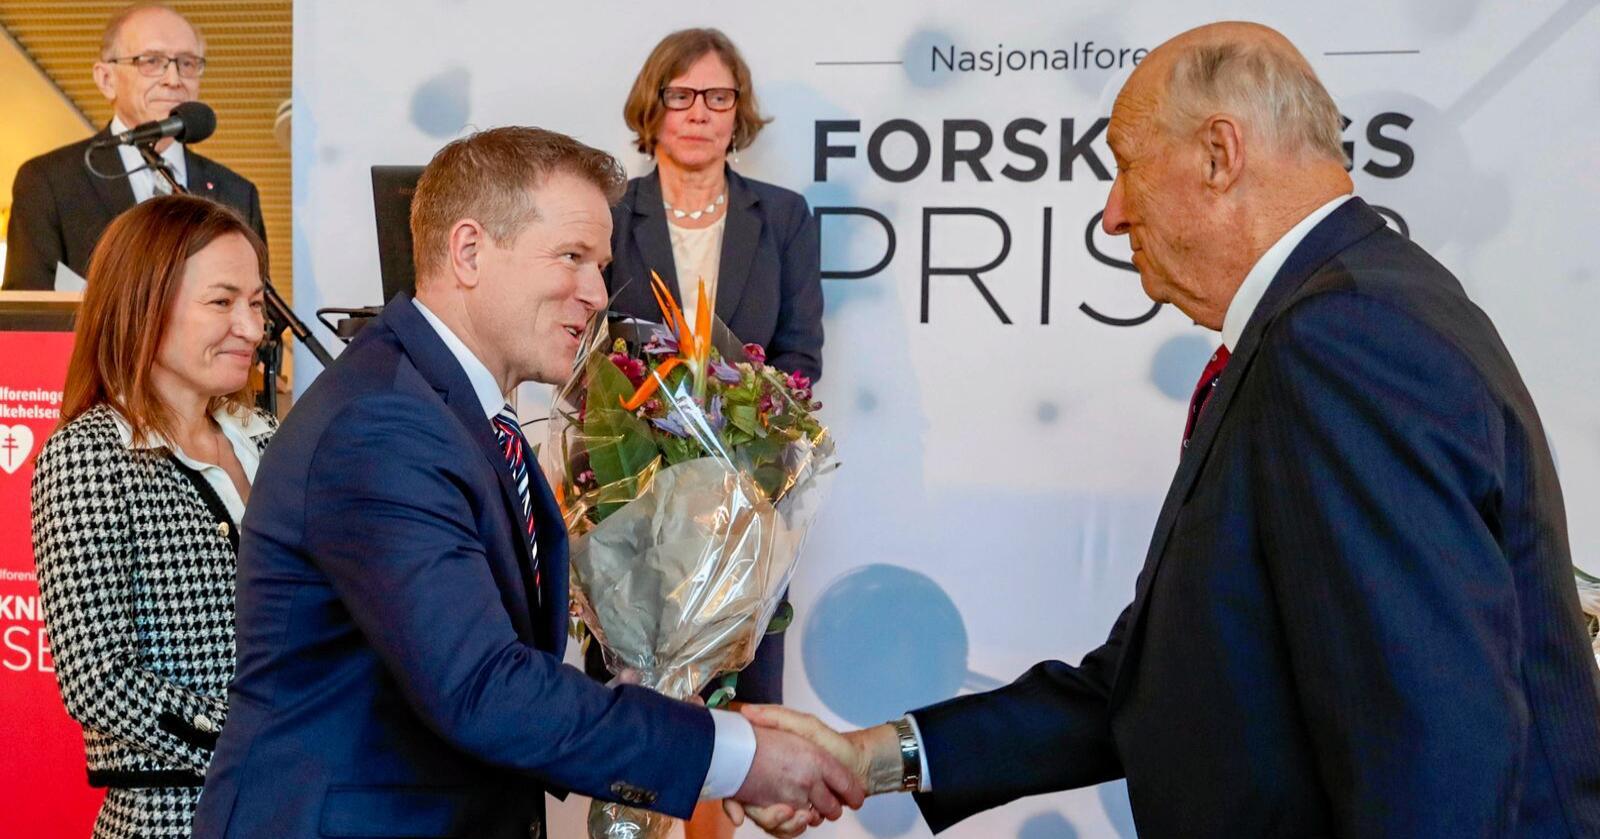 Hjertepris: Ulrik Wisløff hilser på kong Harald under utdelingen av Nasjonalforeningen for folkehelsens forskningspriser. Foto: Terje Bendiksby/NTB scanpix